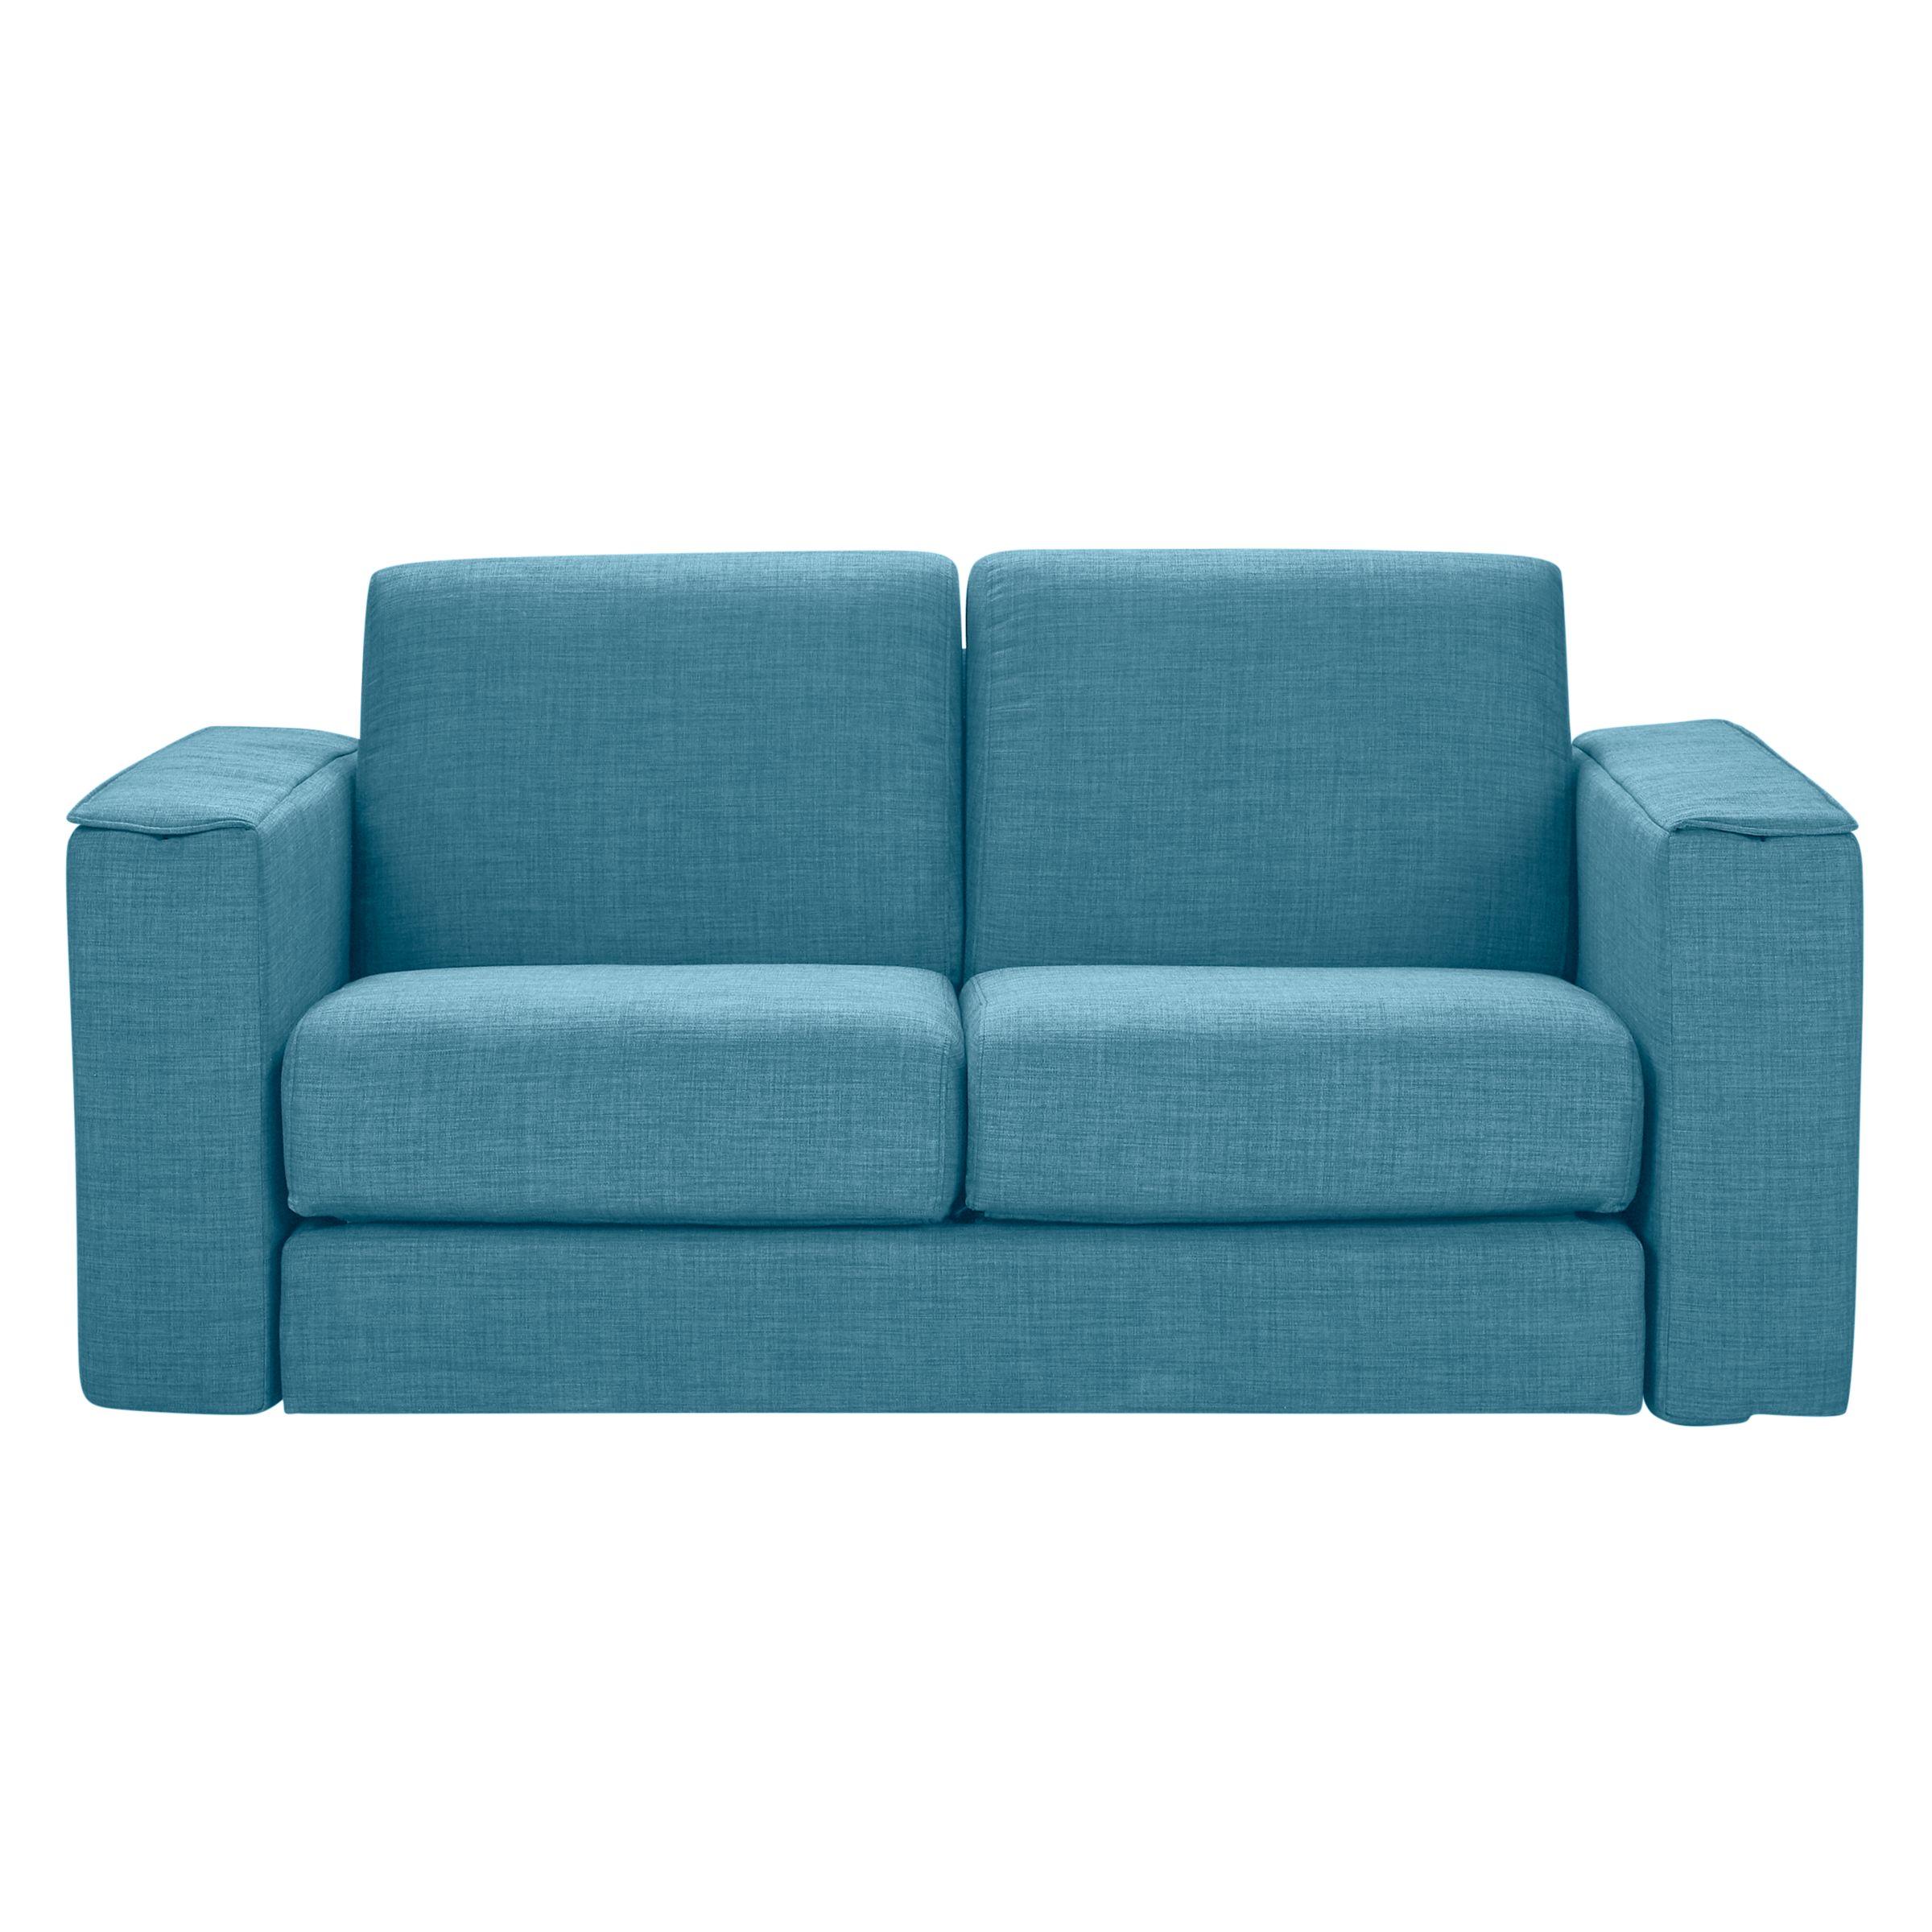 John lewis quattro storage sofa bed with foam octer for Sofa quattro